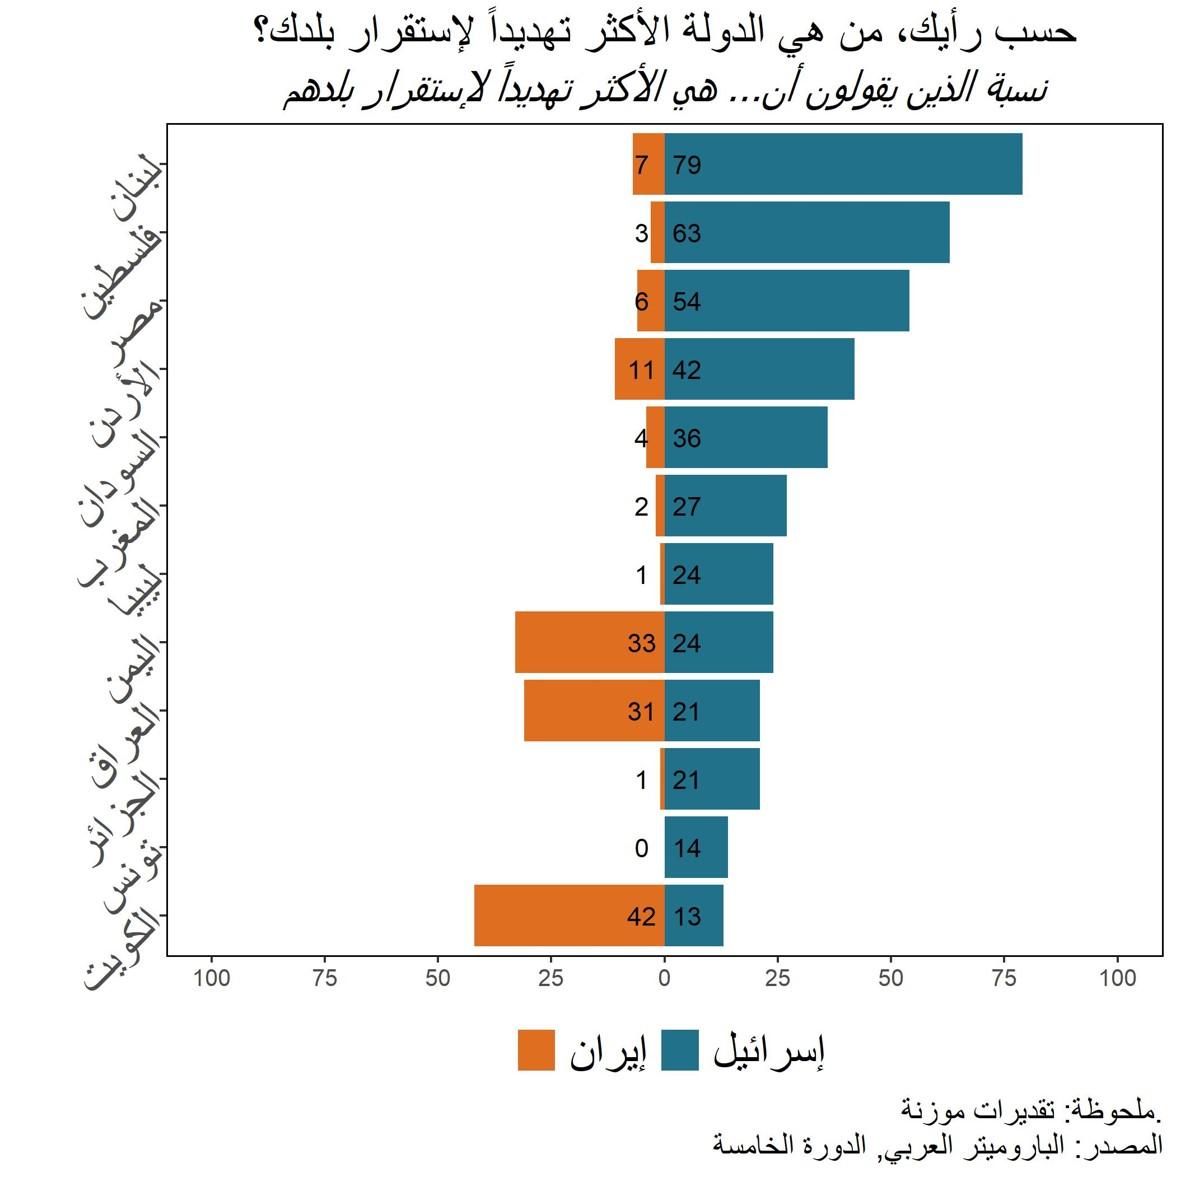 أيهما أكثر تهديداً للمنطقة: إسرائيل أم إيران؟ هذا رأي العرب